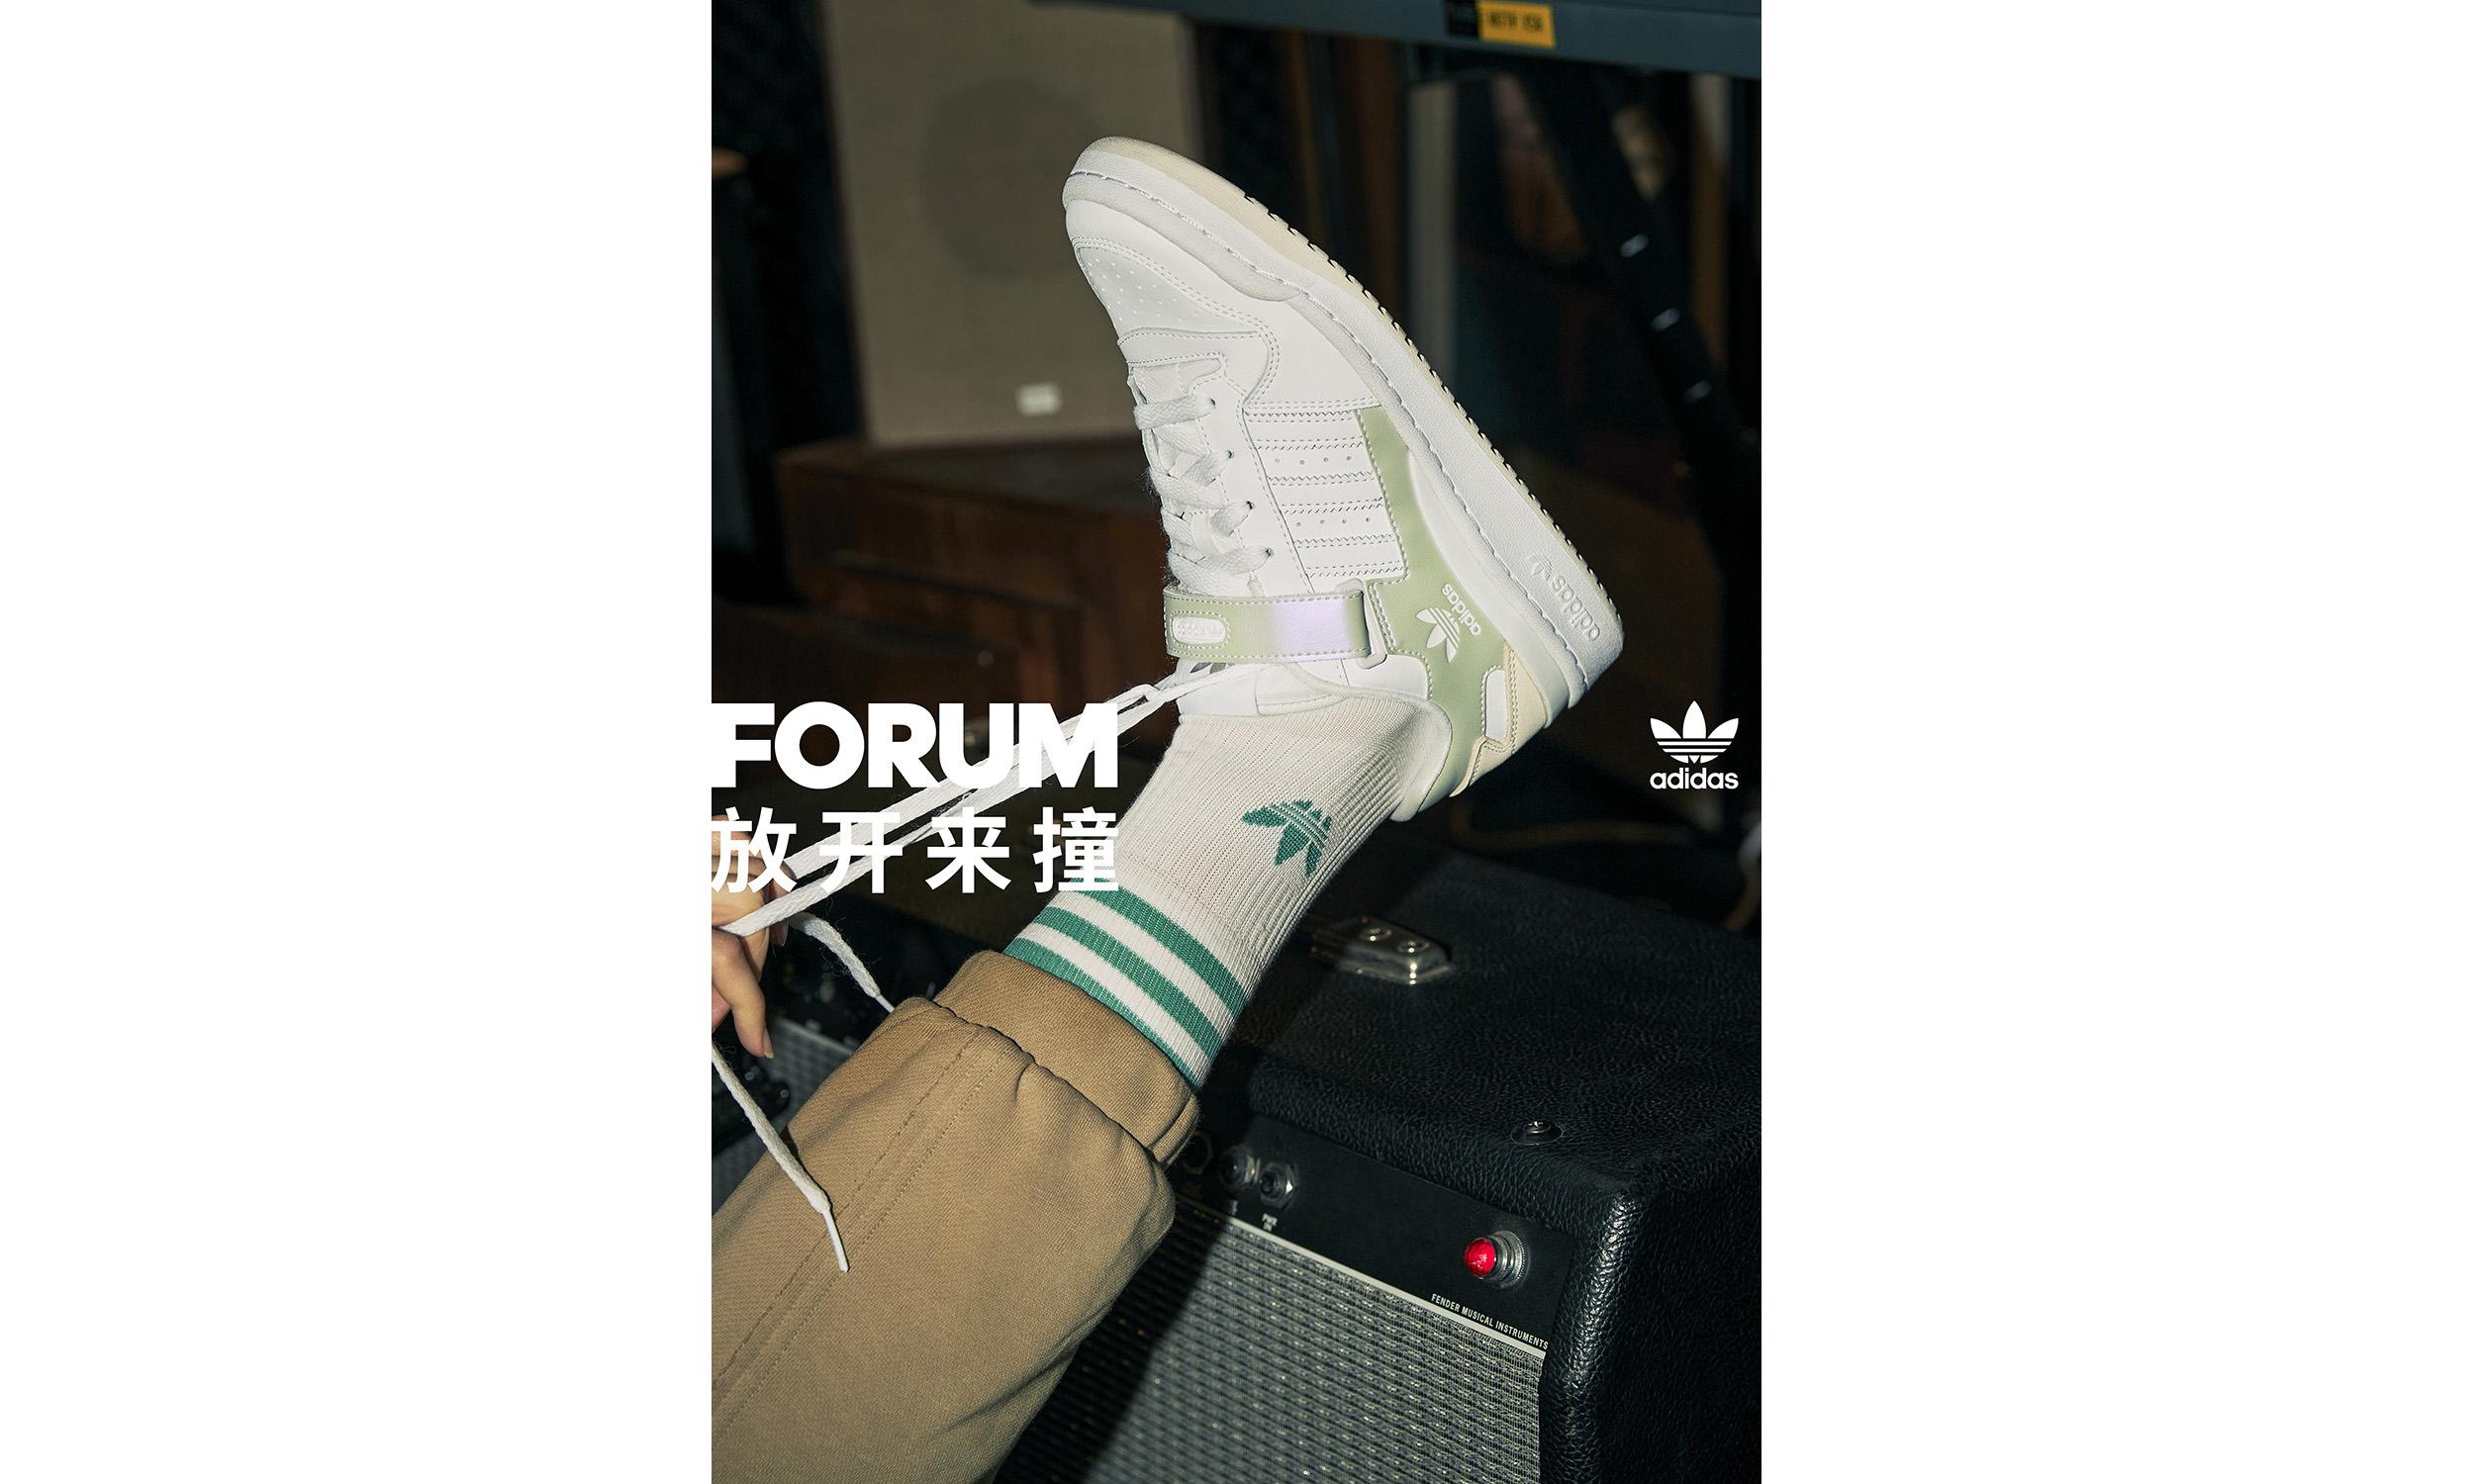 擦出自由灵感火花,adidas Originals 邀请你「放开来撞」